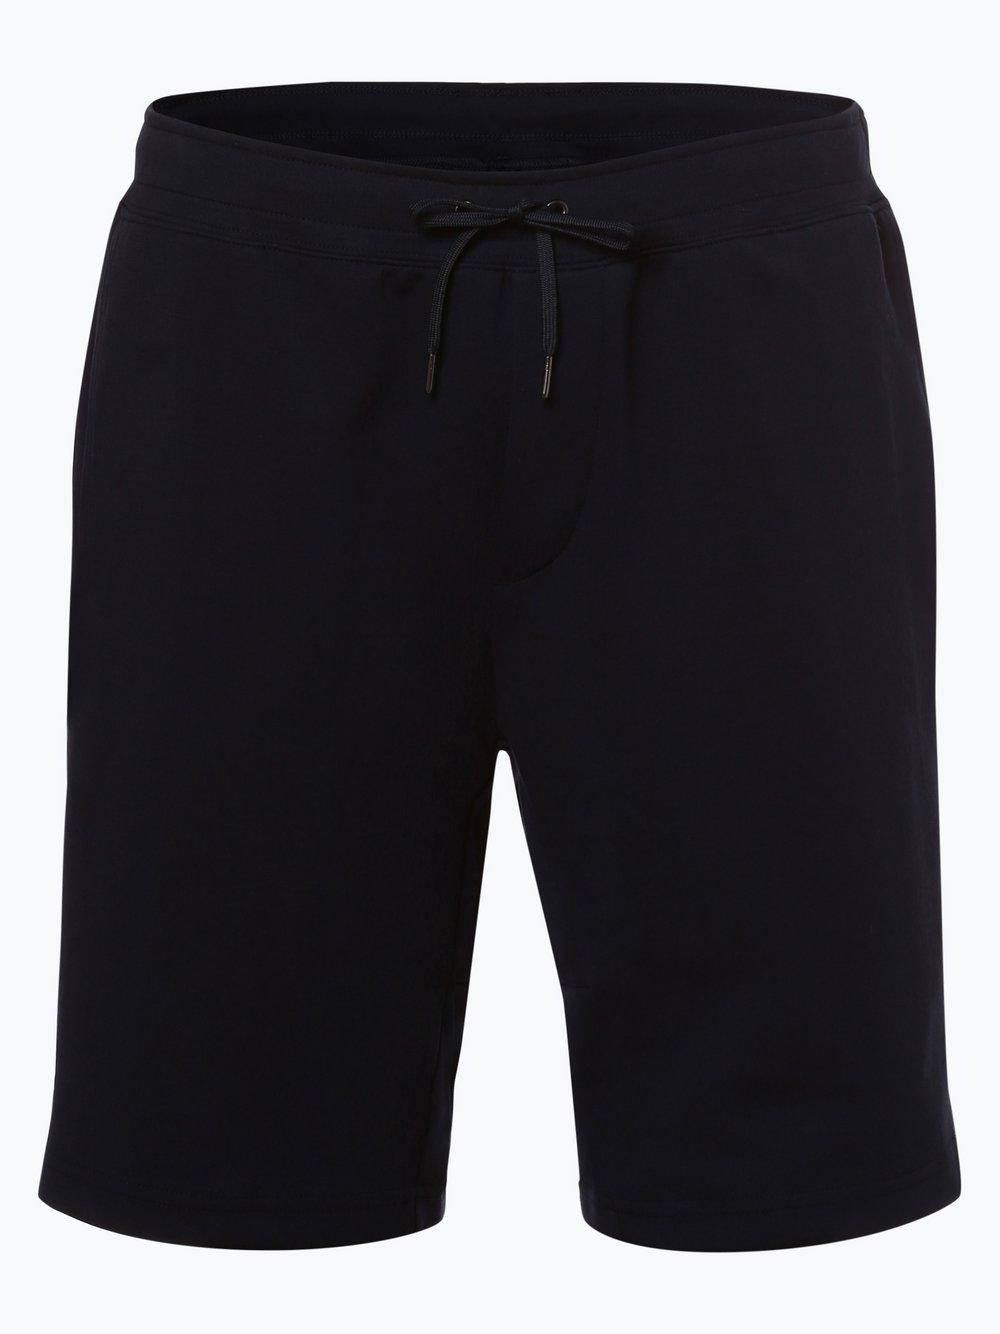 9ea0e0277fa46e Polo Ralph Lauren Herren Shorts online kaufen